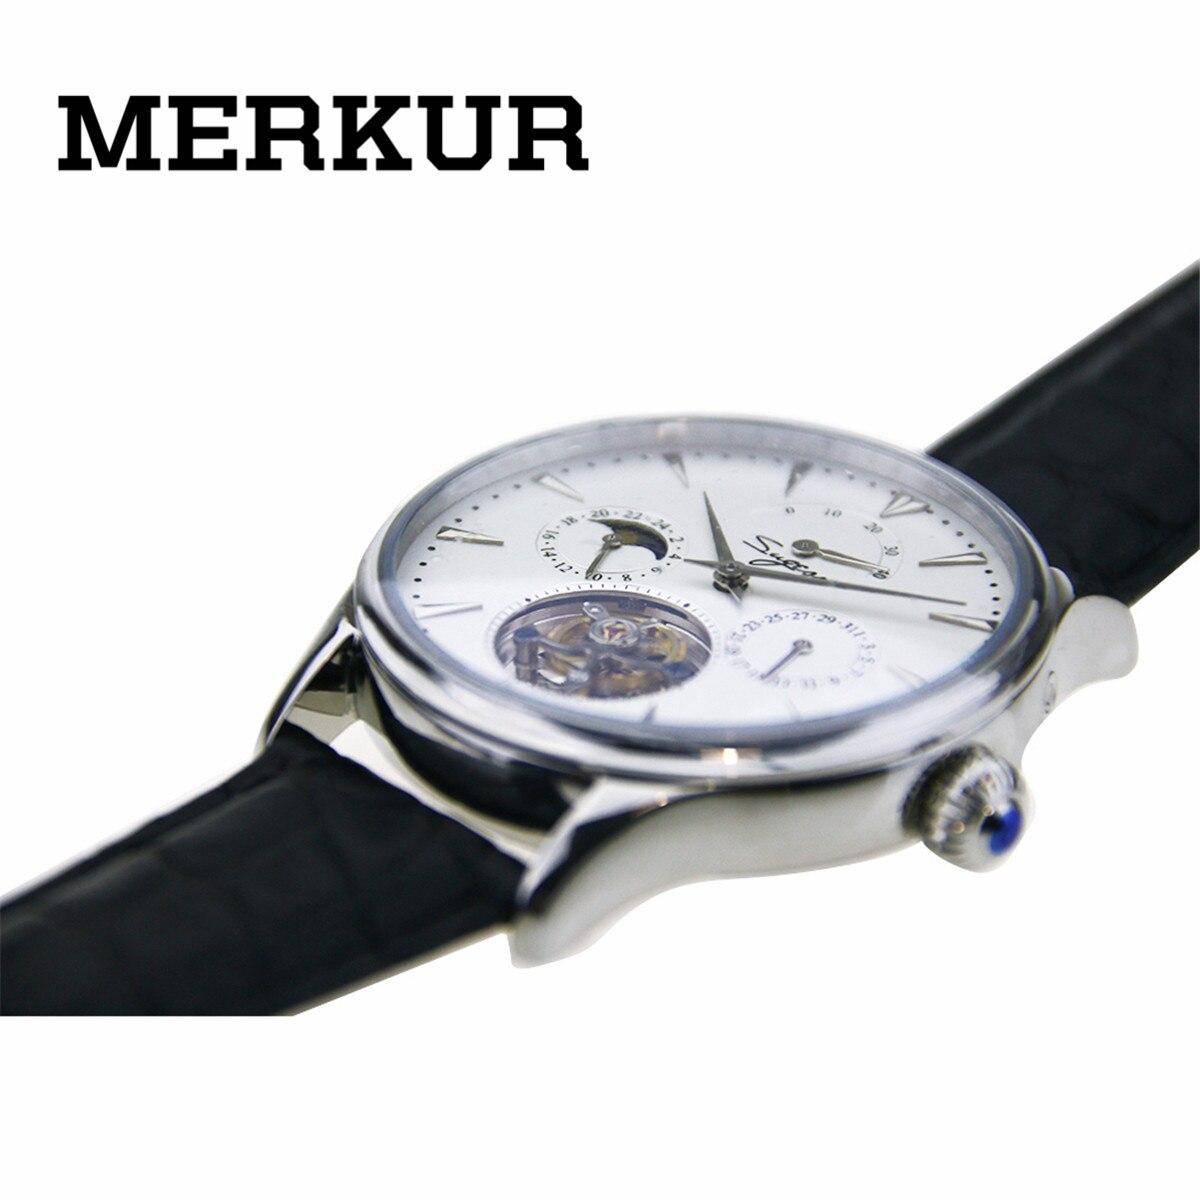 ★  Наручные часы SEAGULL Movement Sugess Tourbillon Мужские наручные часы Календарь с автоподзаводом За ①